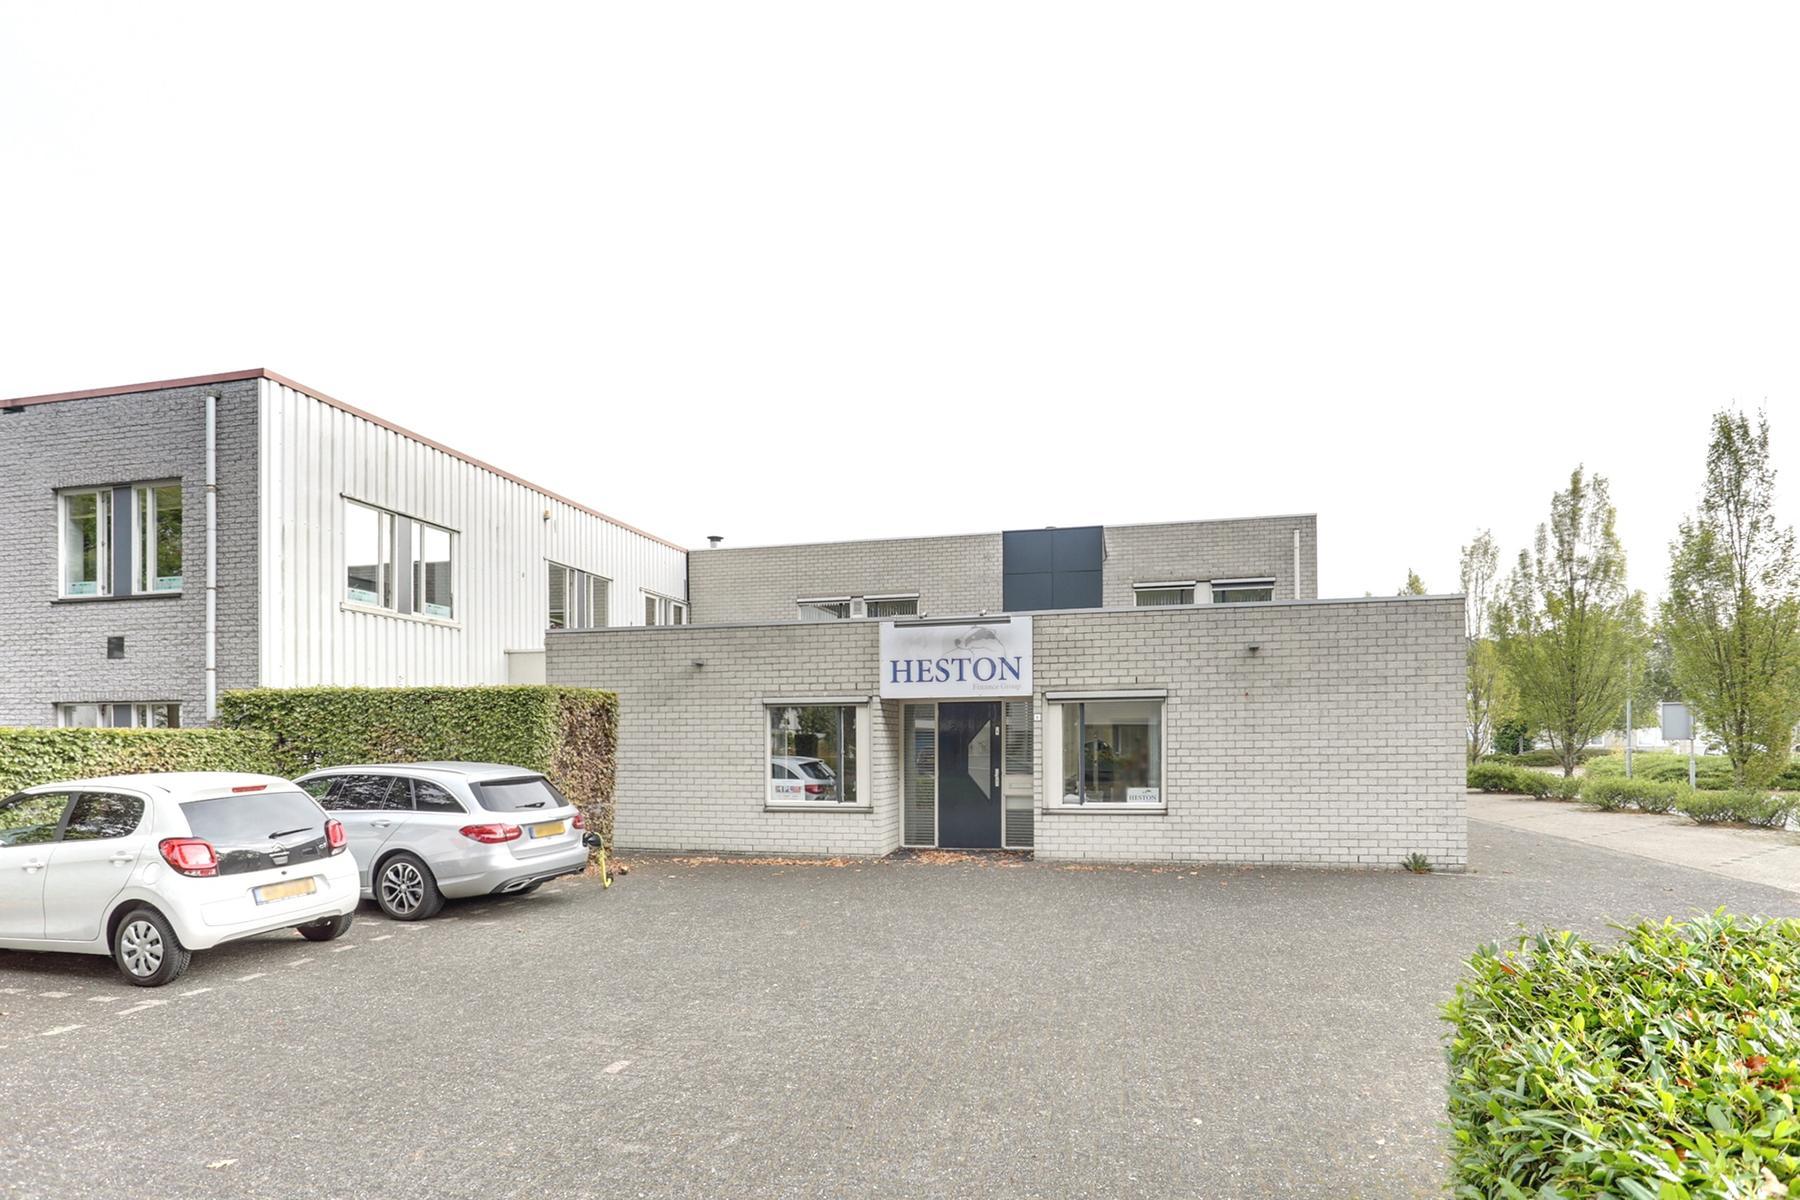 kantoorruimte te huur in Hoevelaken, beschikbaar via ReBM bedrijfsmakelaardij.